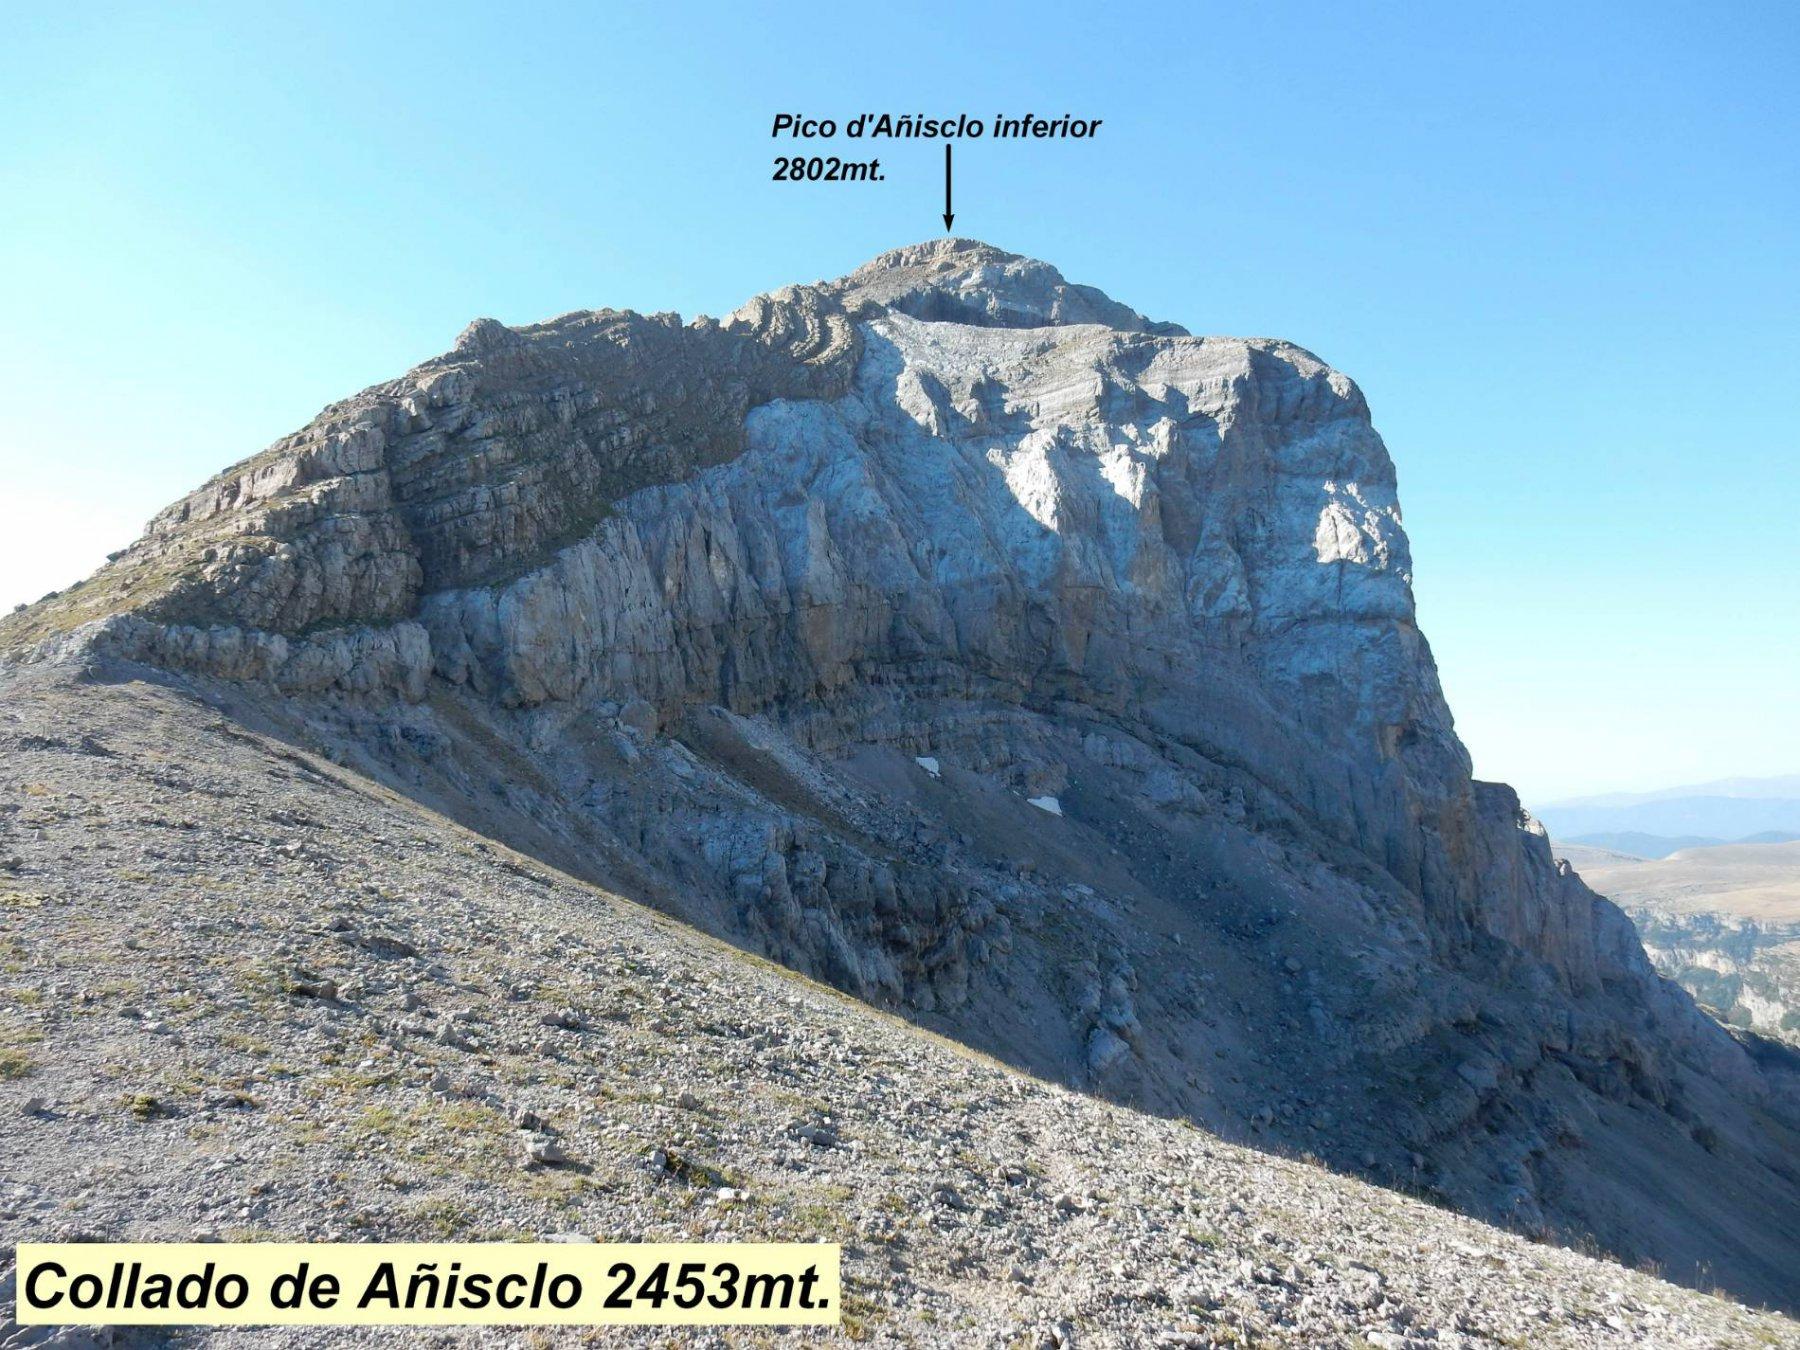 Collado de Anisclo 2453mt.